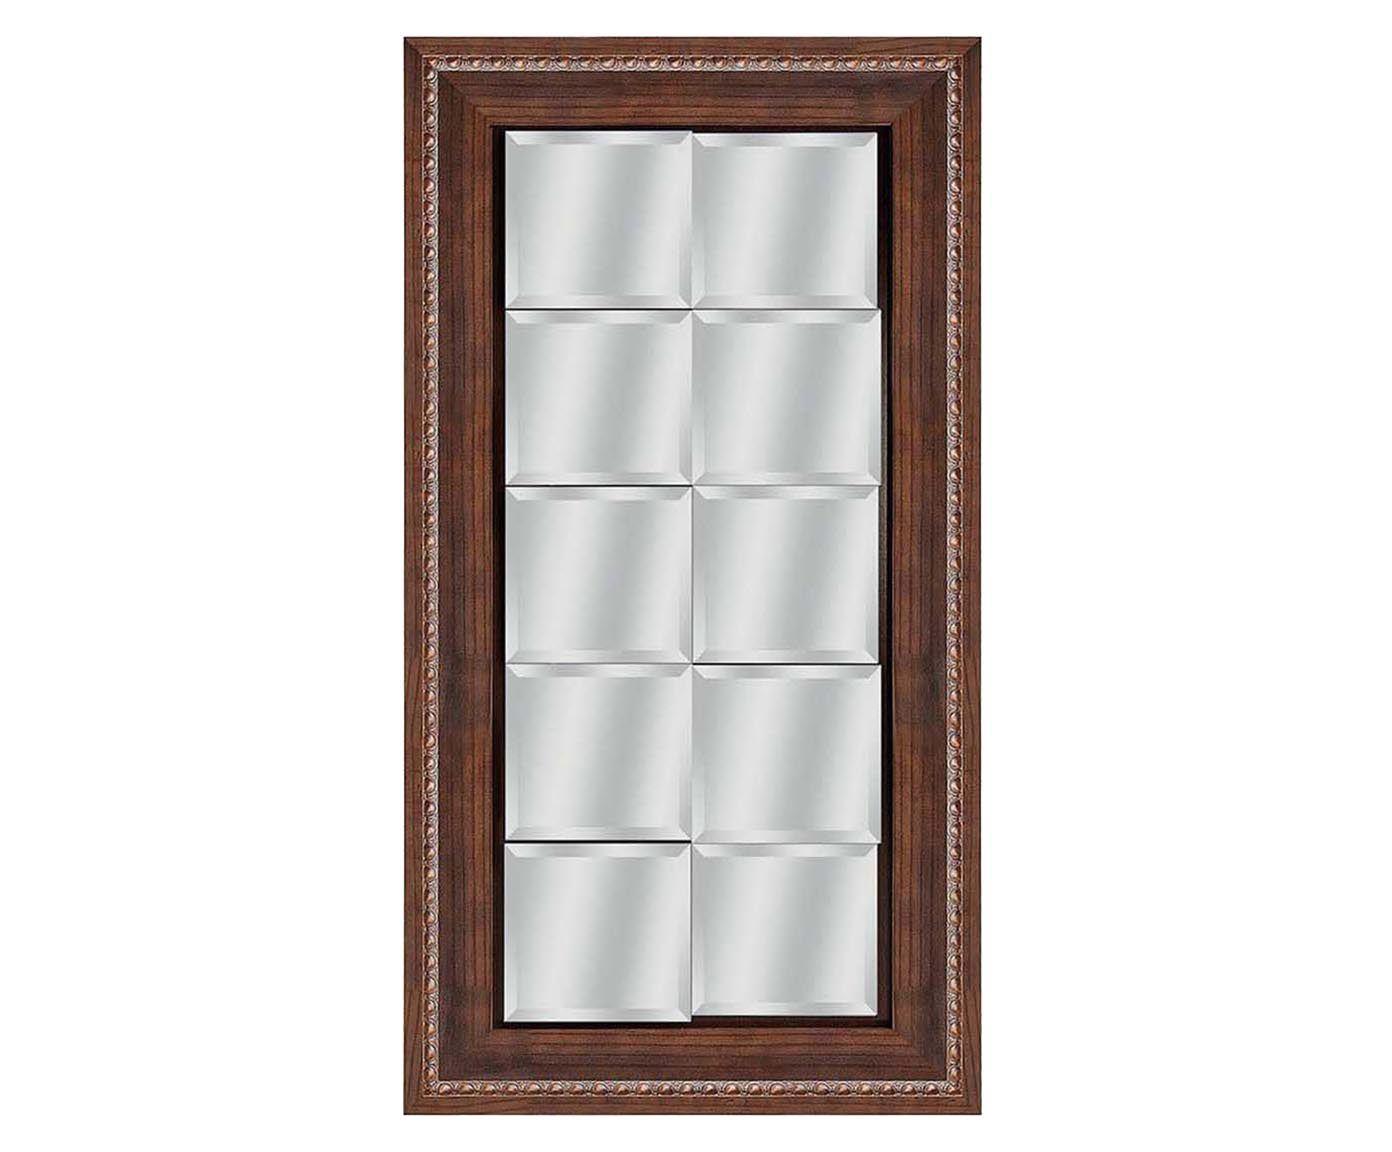 Espelho ravenna - 77x153cm   Westwing.com.br